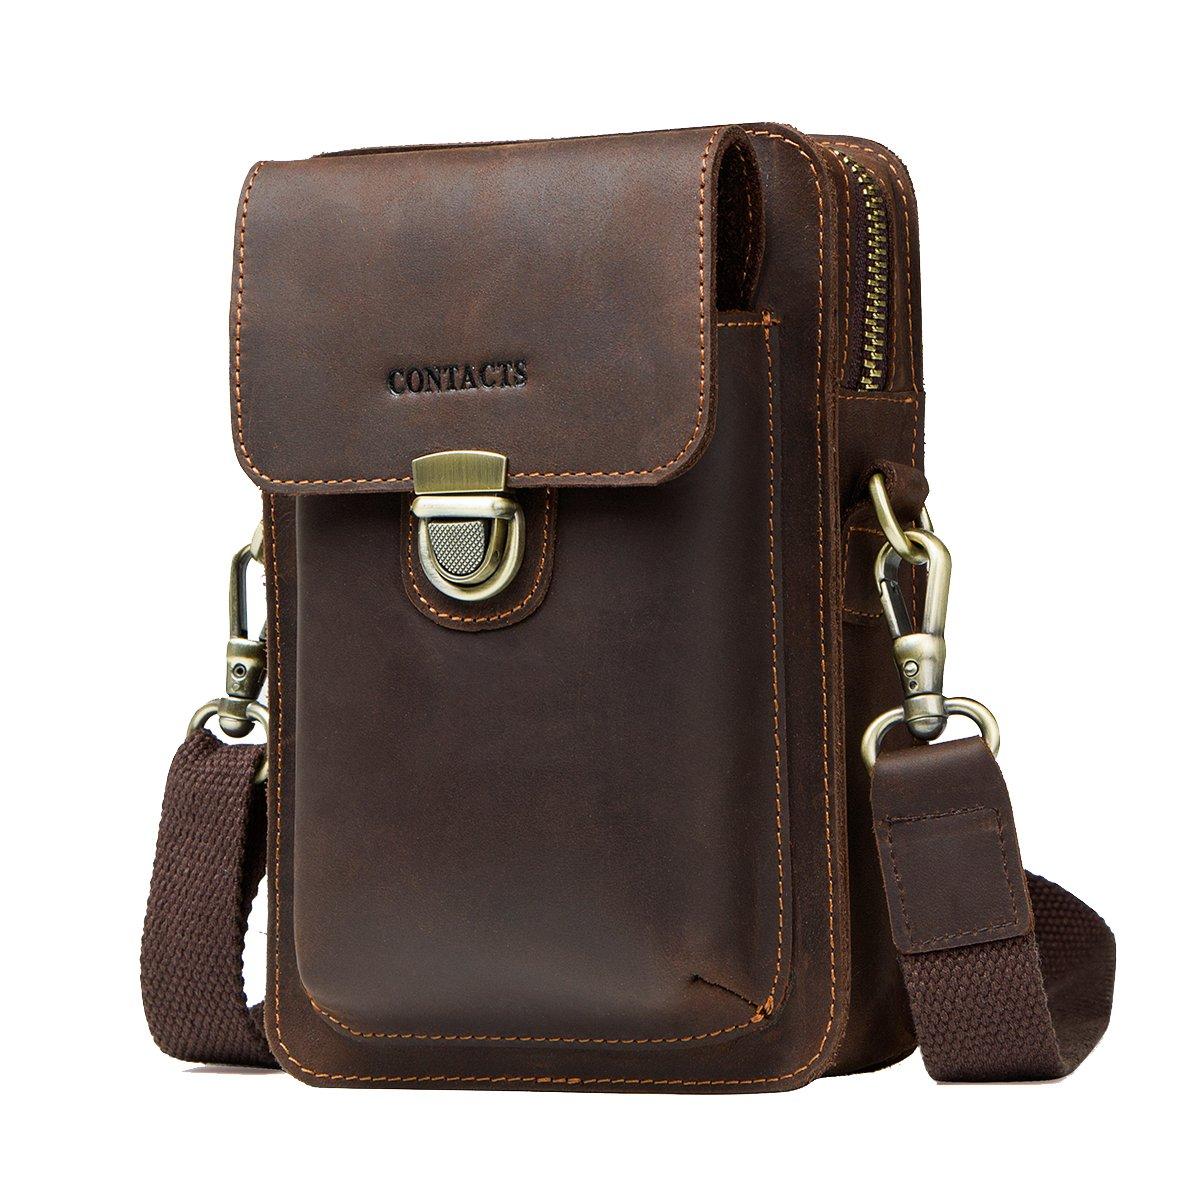 Sac /à bandouli/ère en Cuir avec Sac /à Main Dark Coffee Contacts Crazy Horse Leather